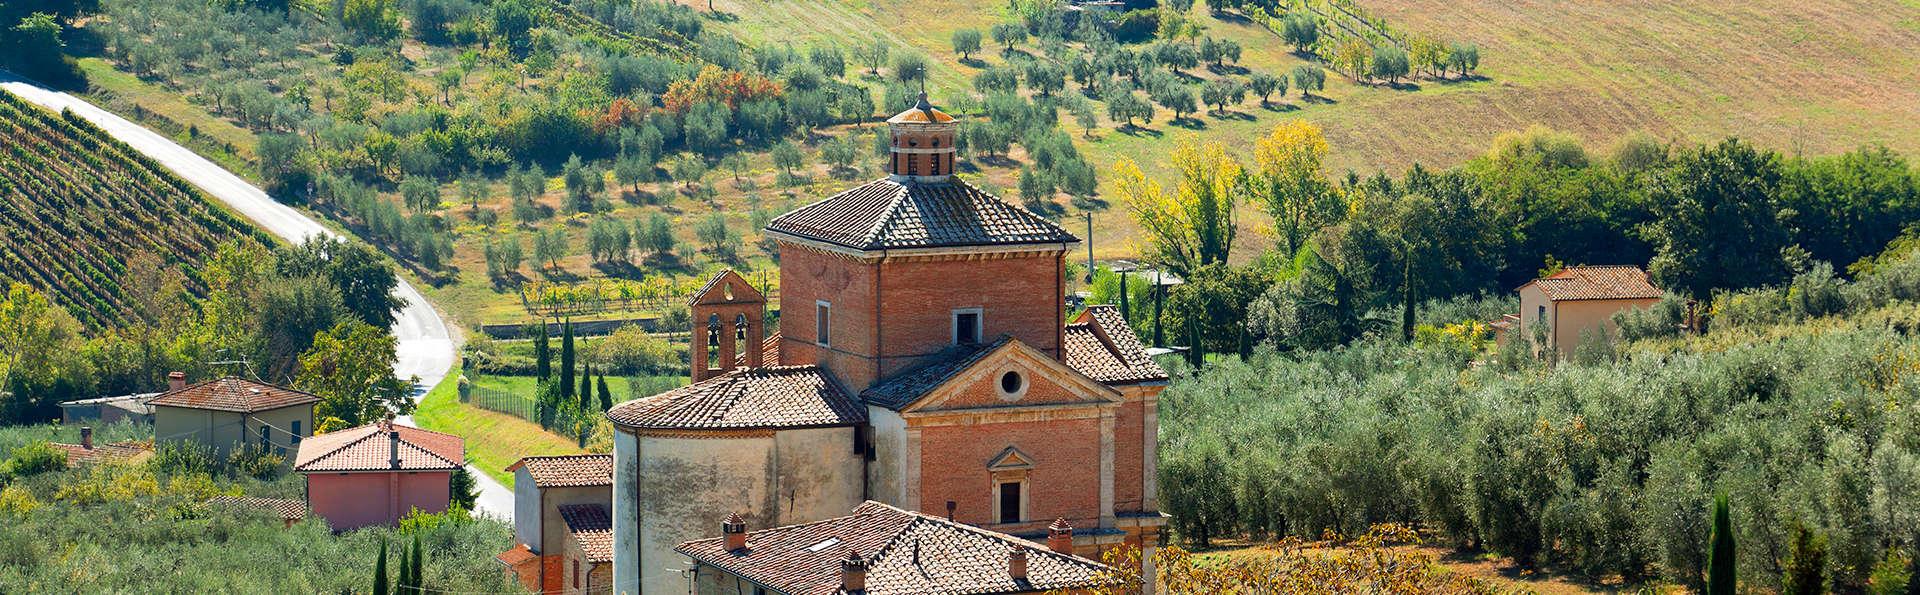 Séjour de détente 4* dans la belle ville de Chianciano Terme ! (non remboursable)